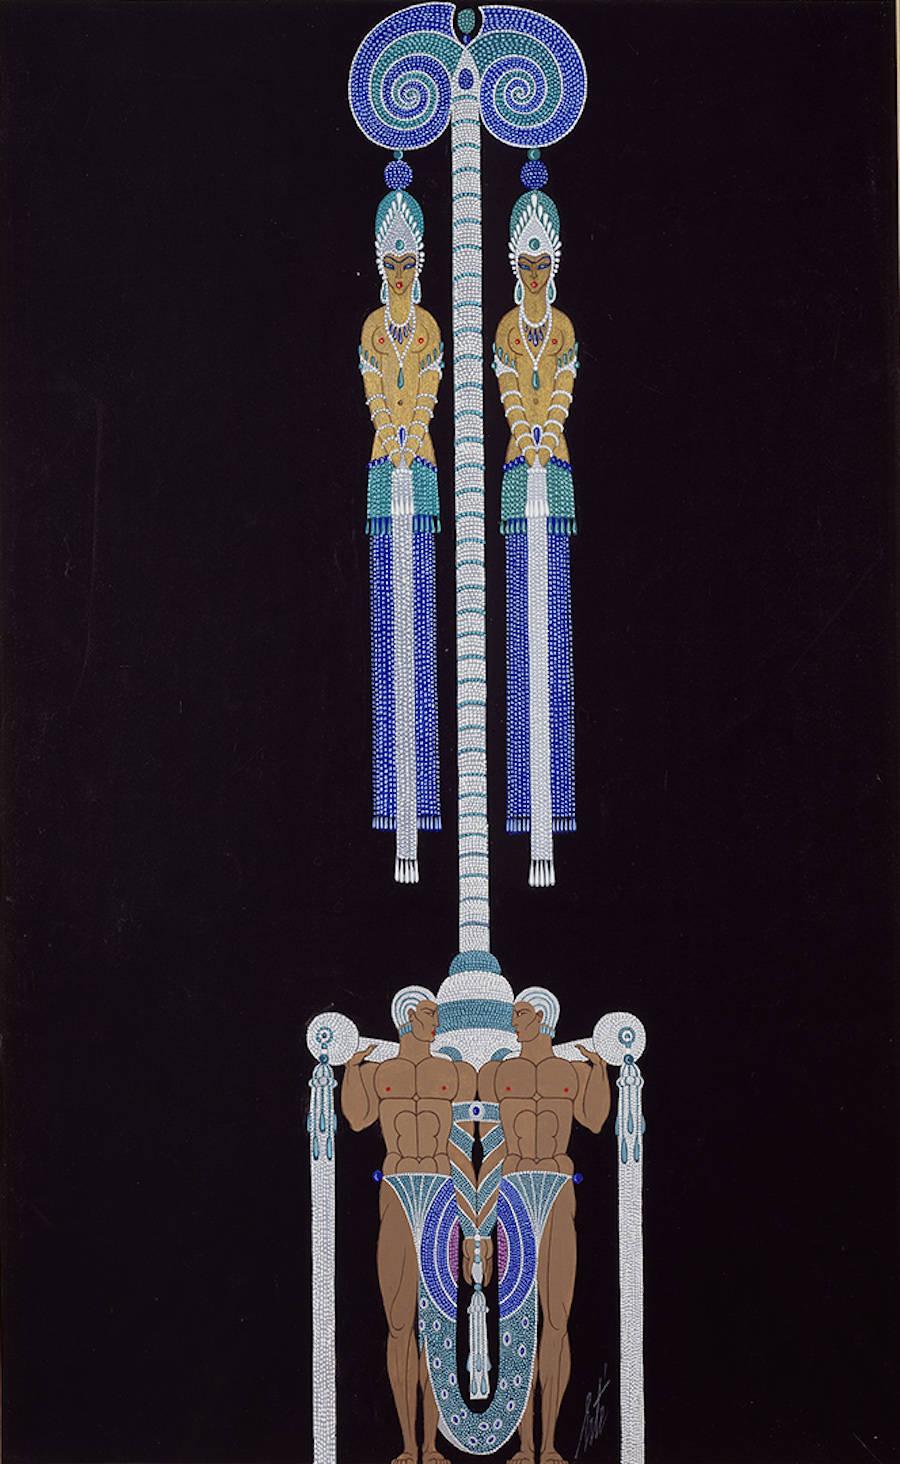 Porteurs de bijoux pour les Folies Bergeres, 1927.